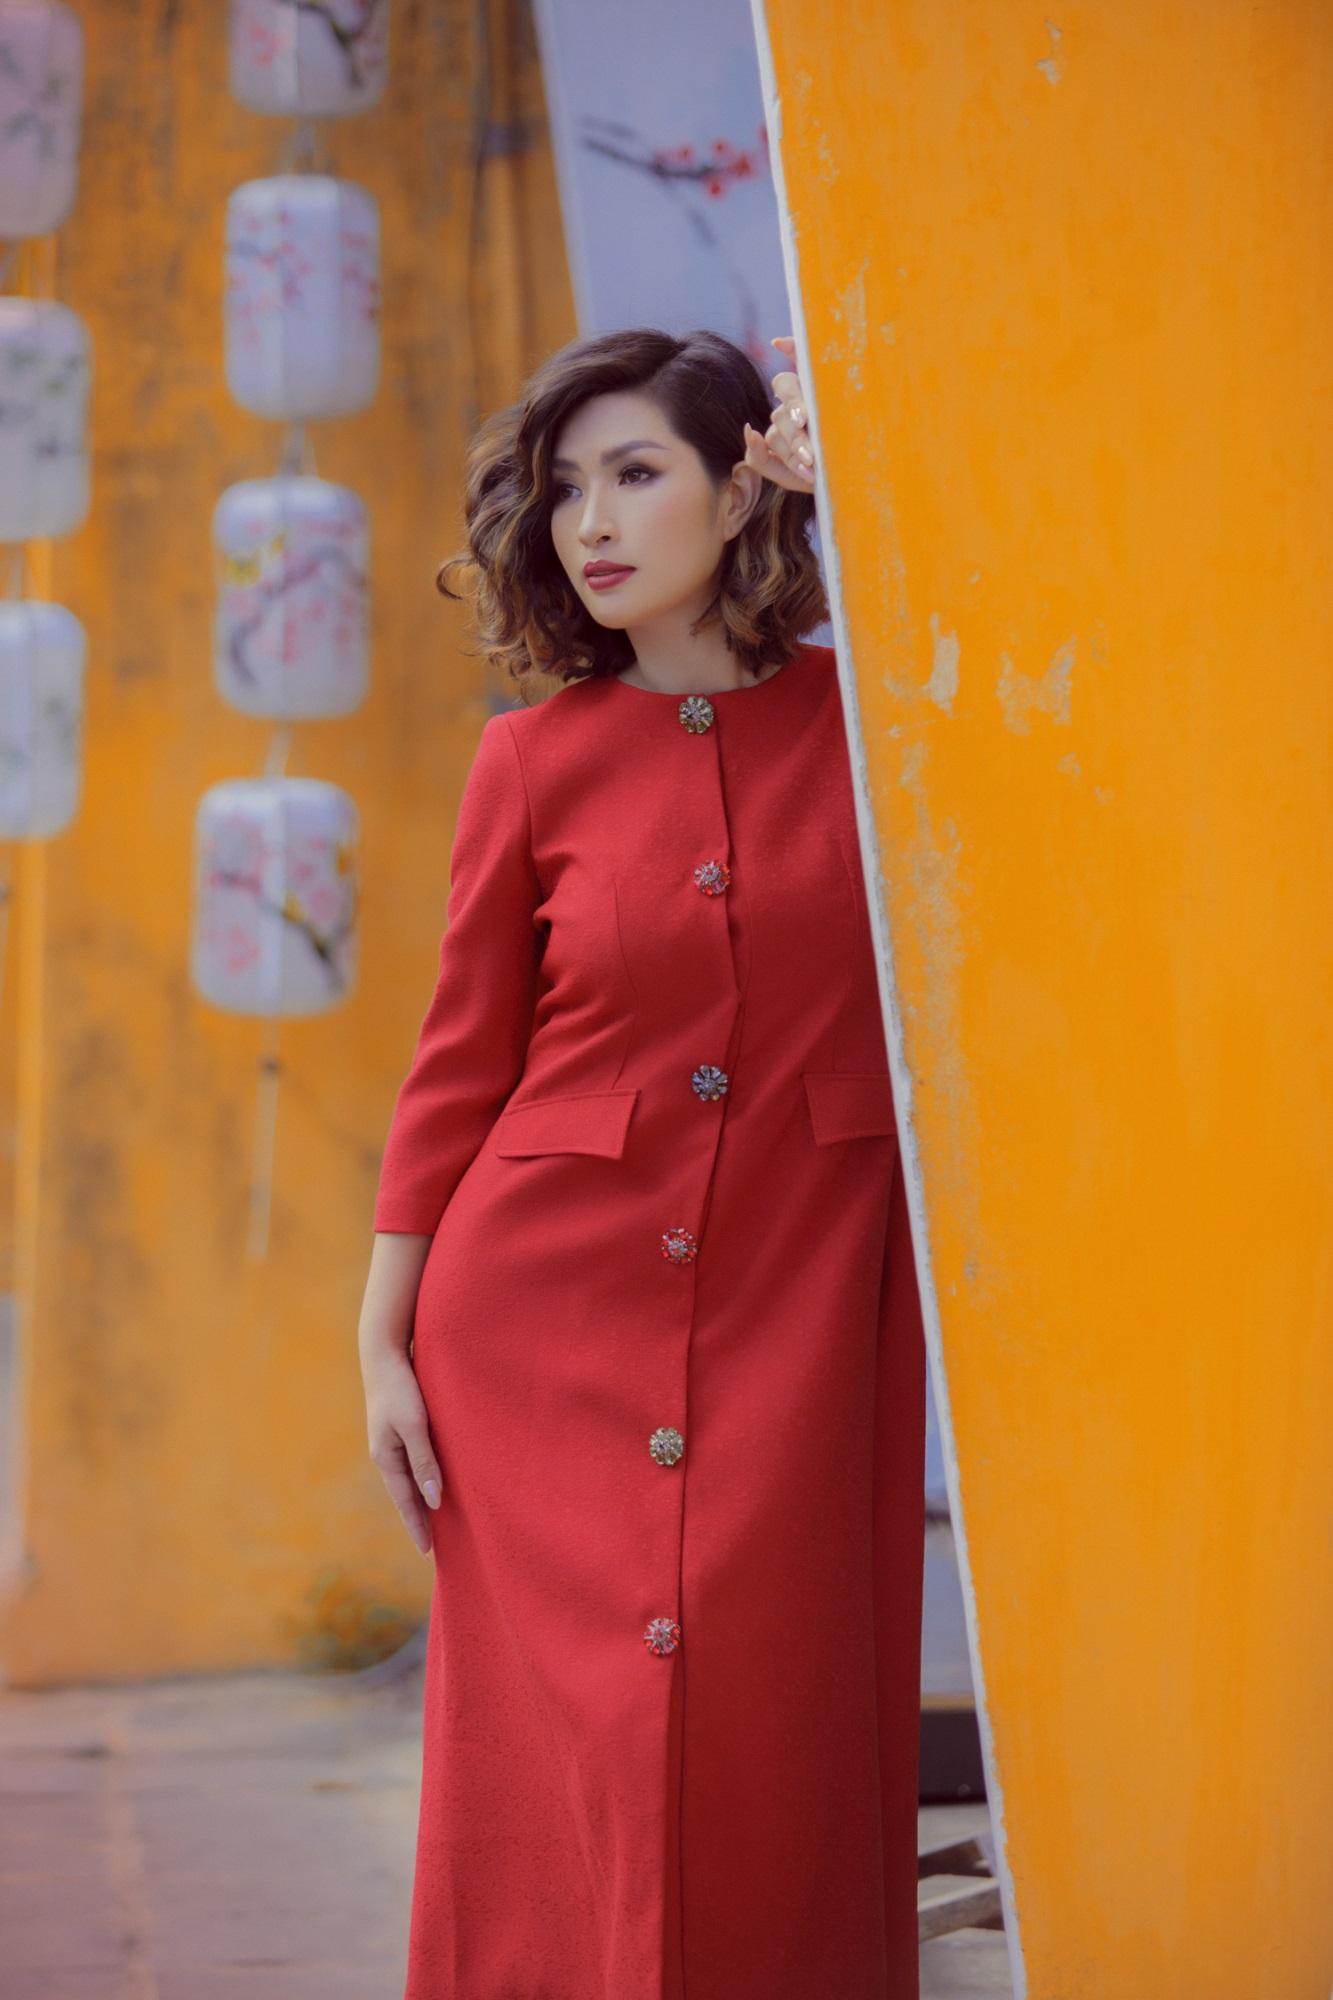 Hồng Nhung 'Sao Mai điểm hẹn': 'Tôi nuôi con không cần chồng cũ chu cấp' - Ảnh 11